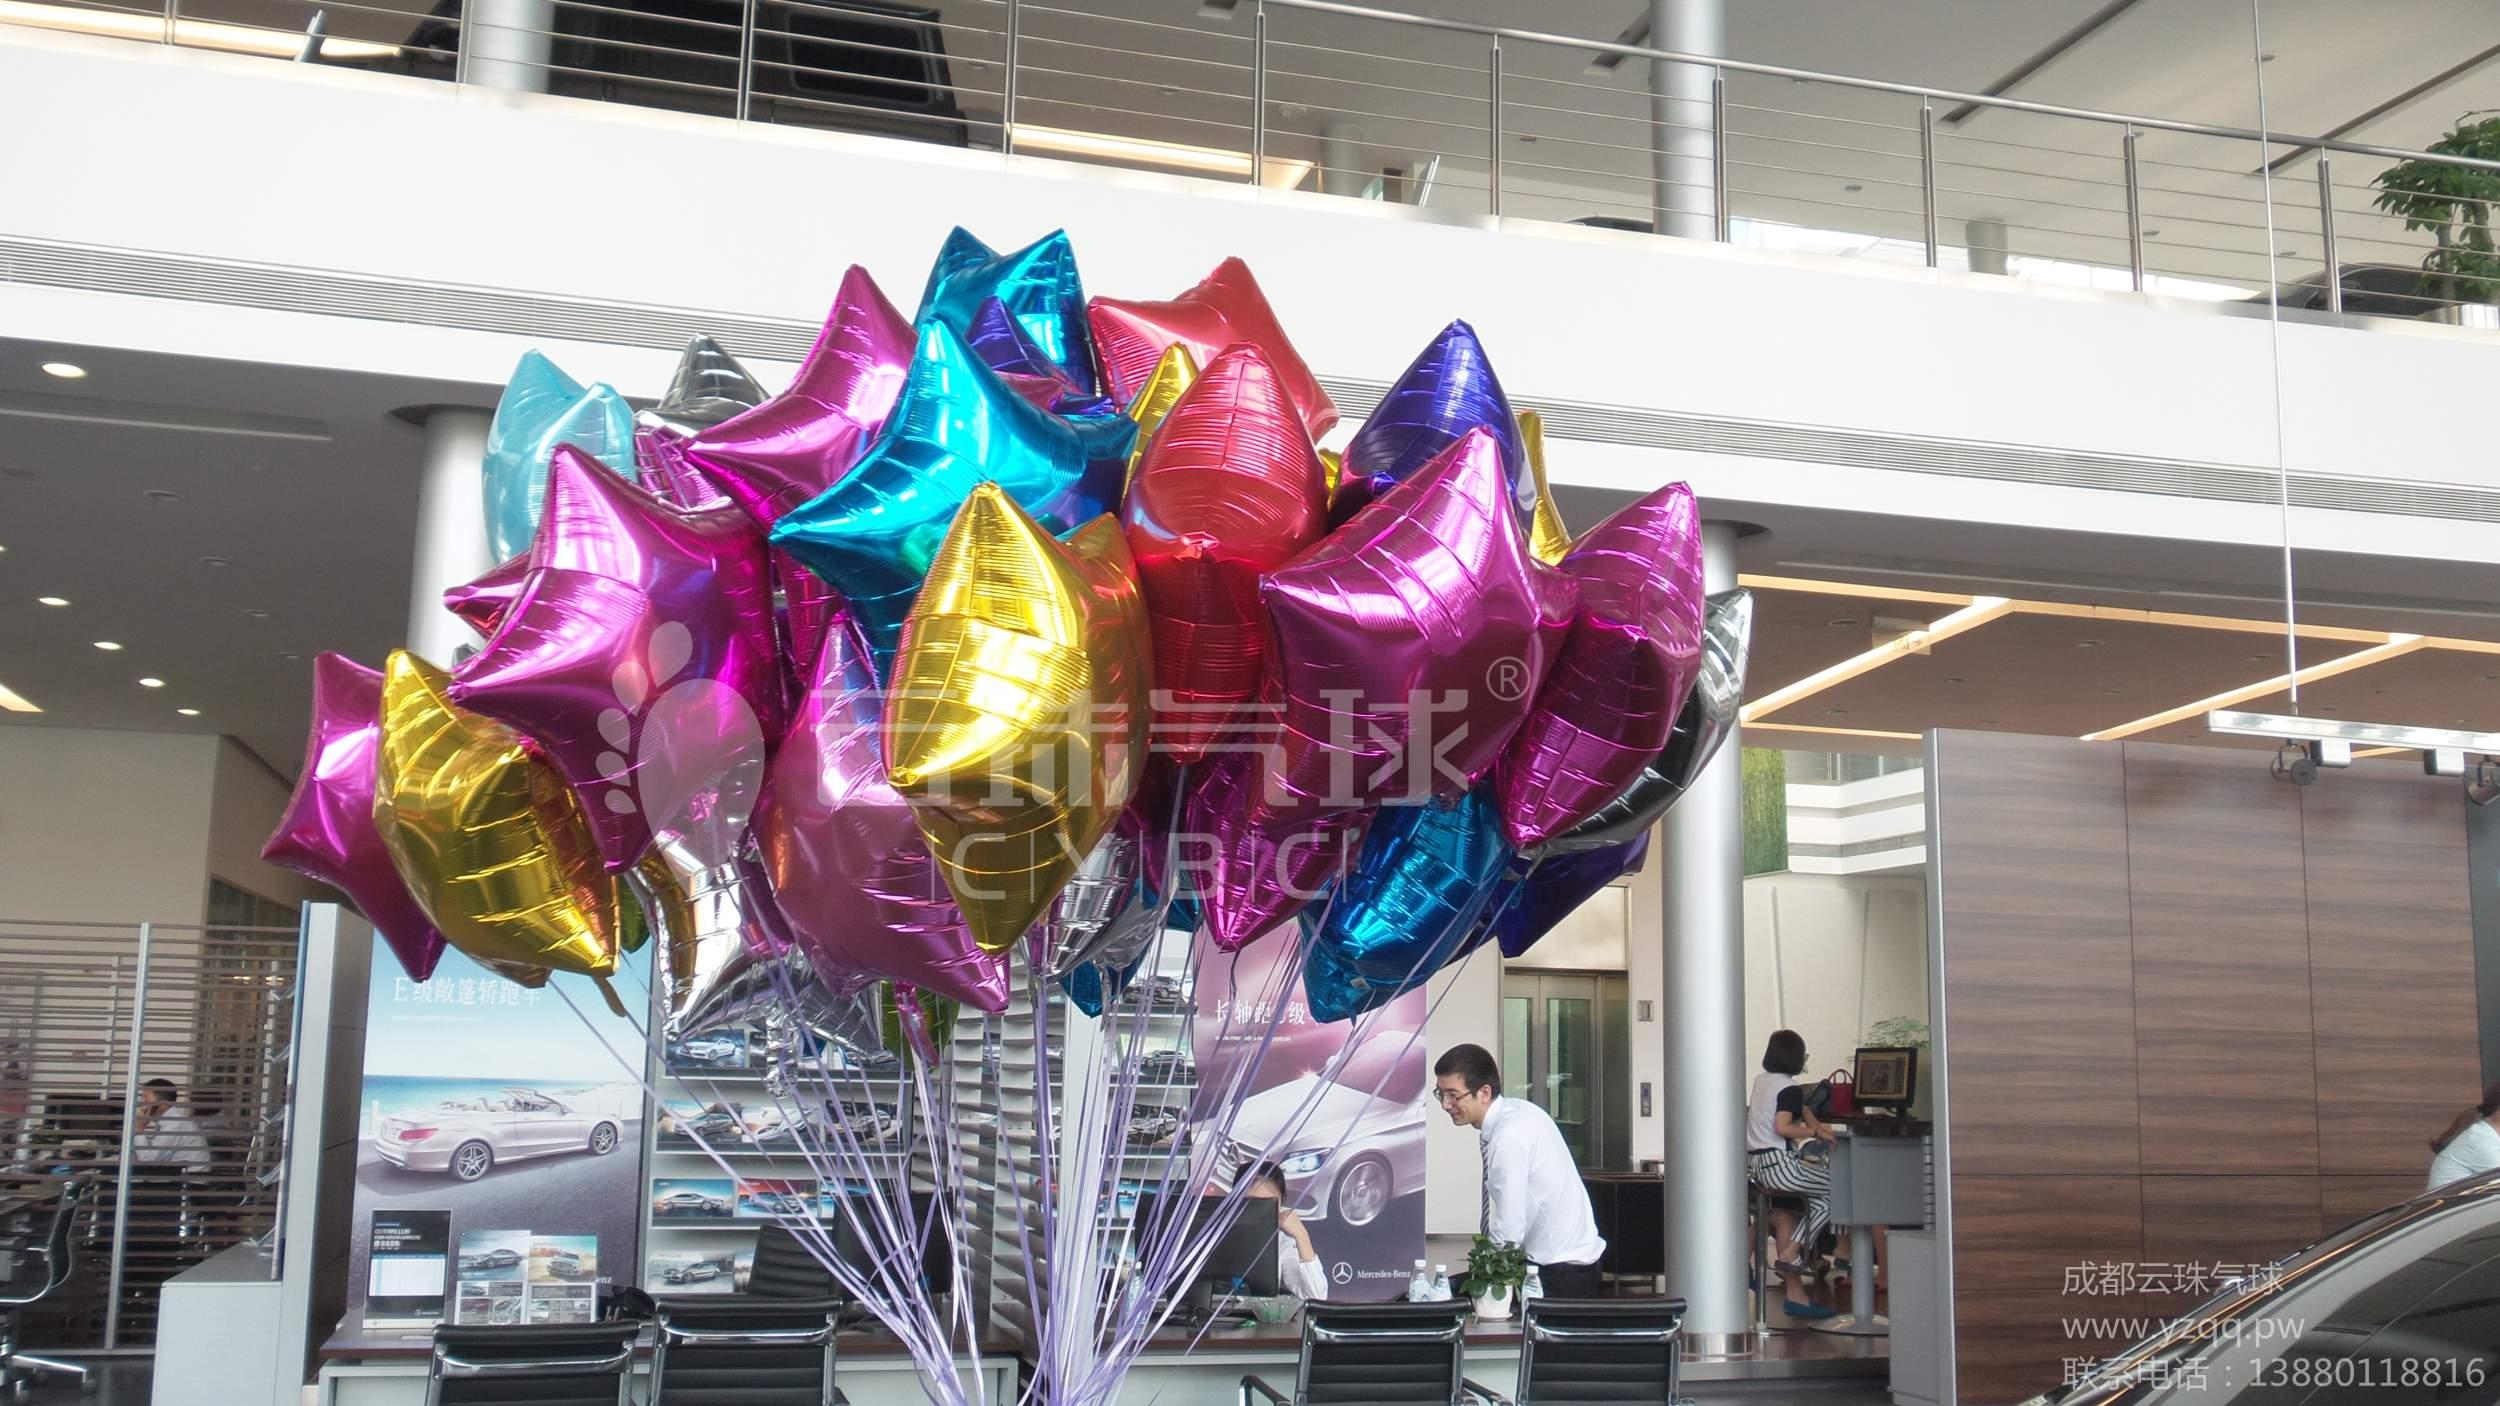 供应氦气球/飘空气球/气球放飞/气球造型装饰